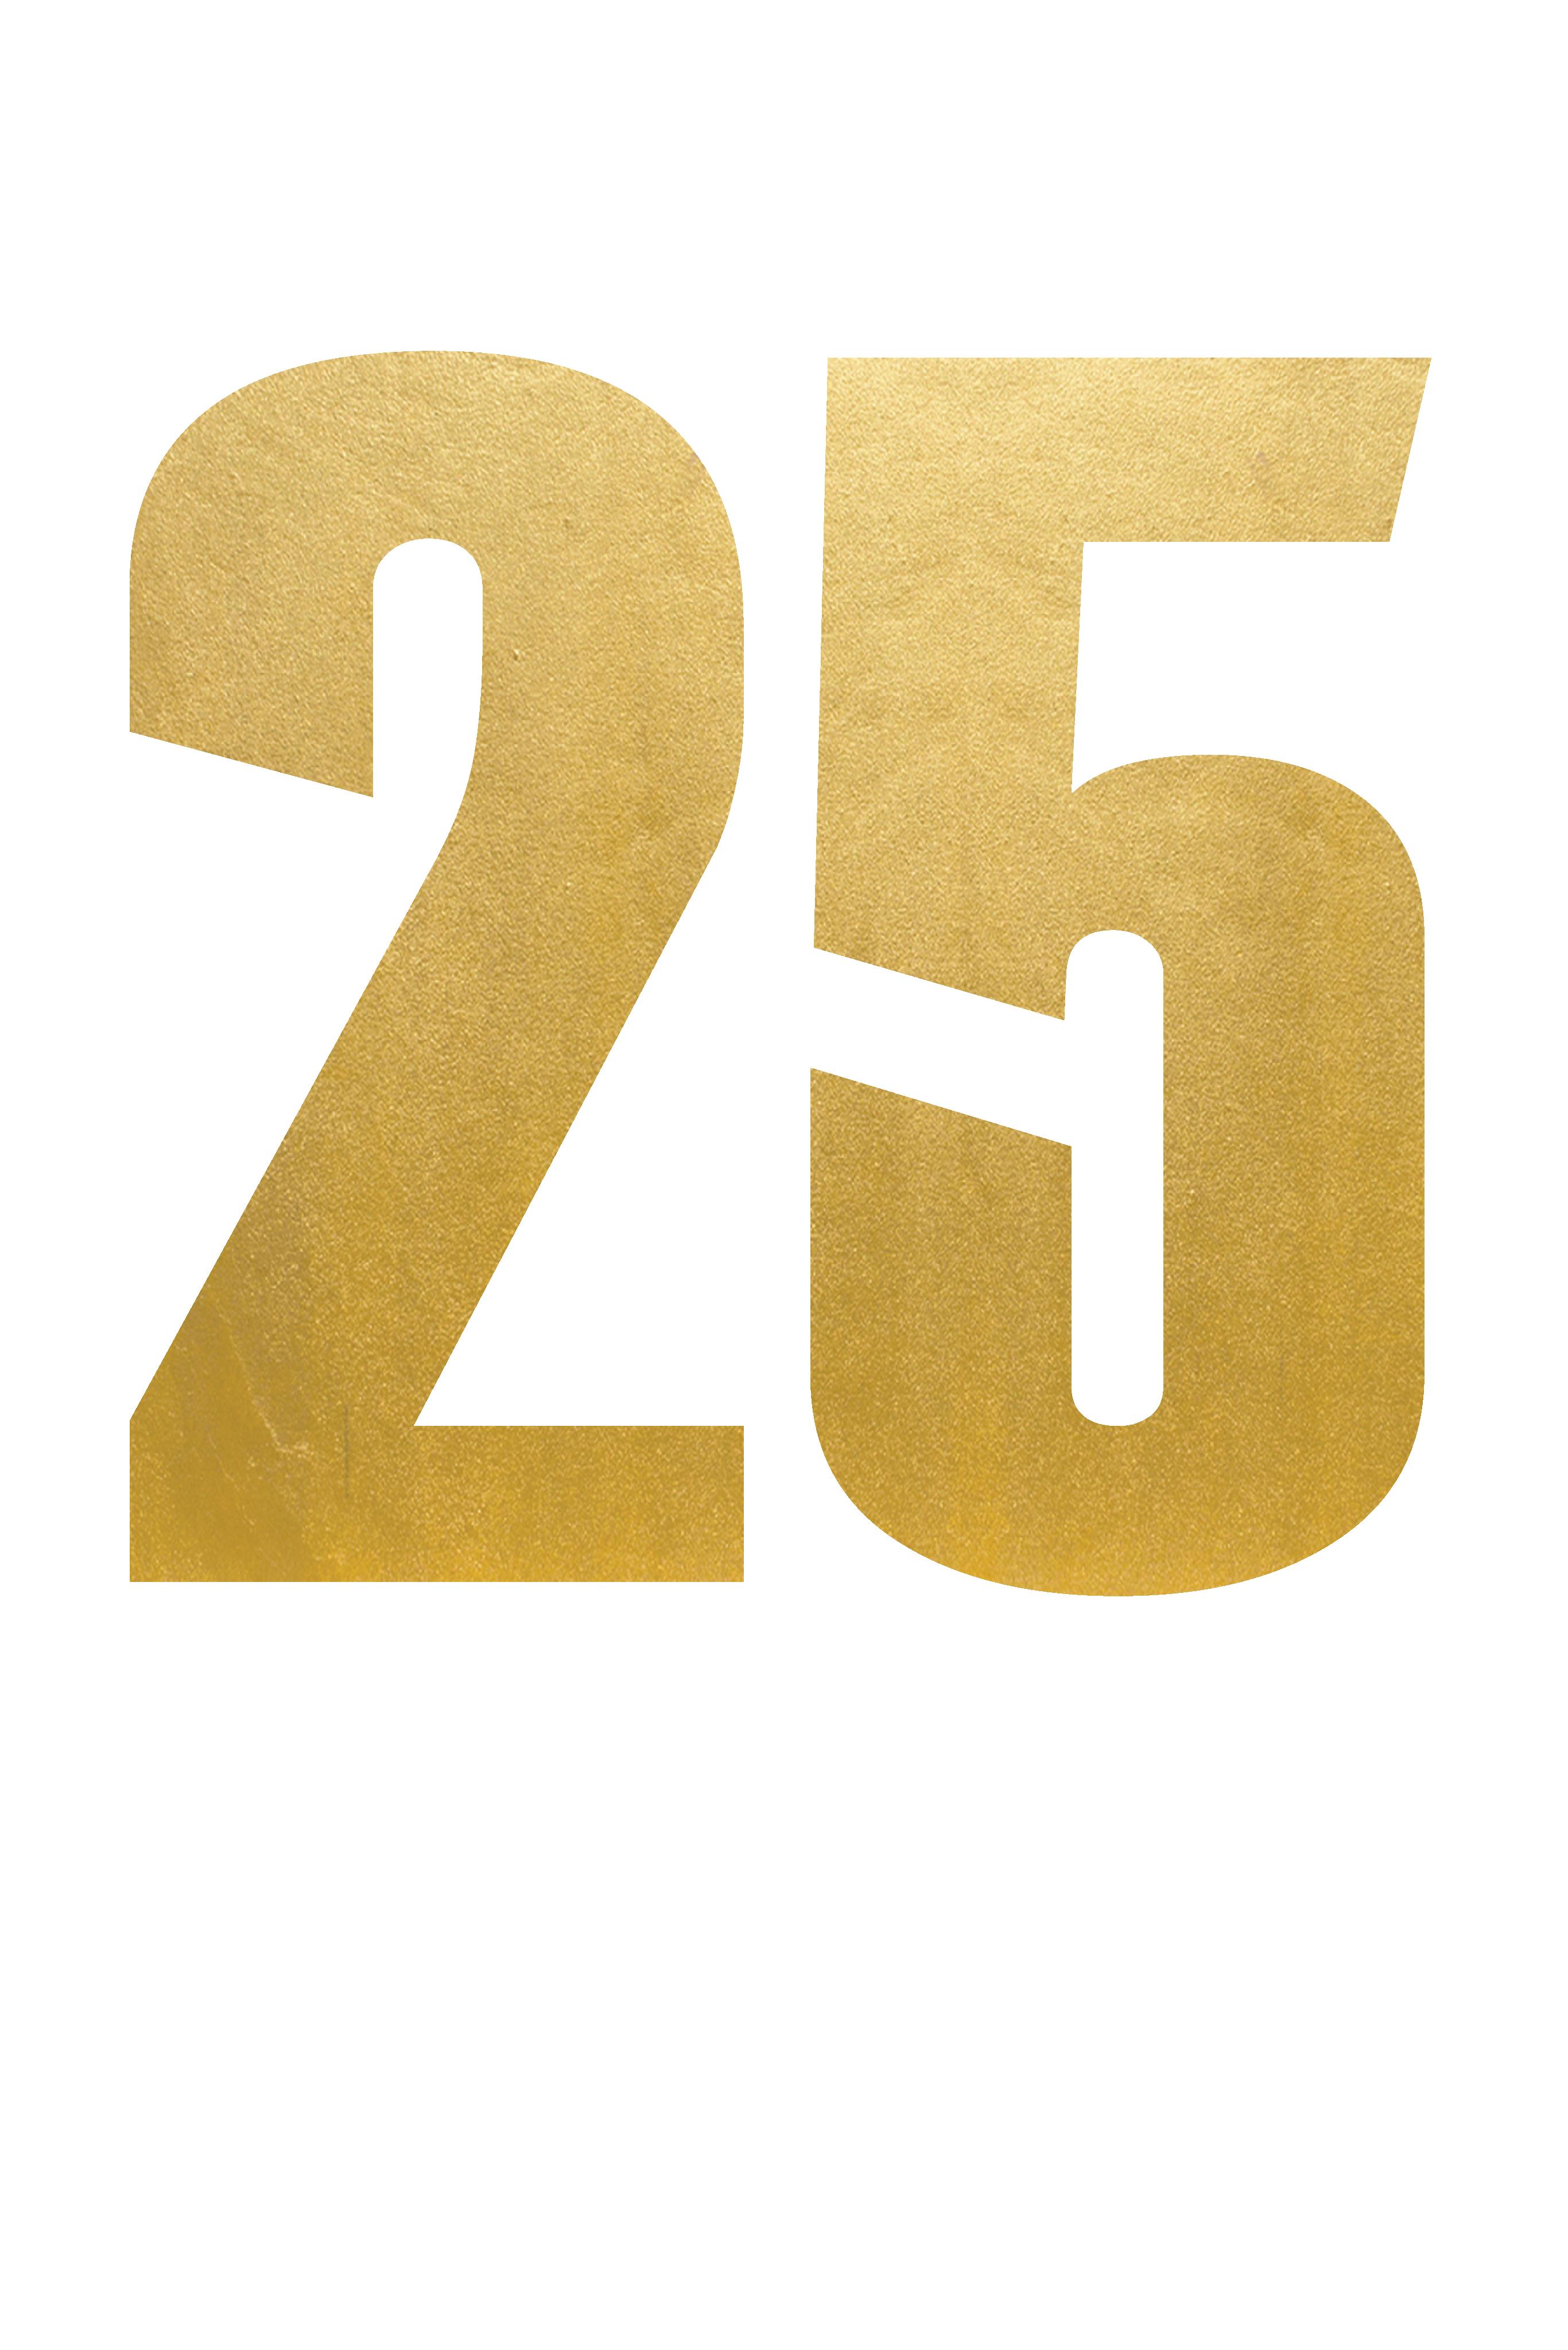 25 Number PNG Transparent Images.